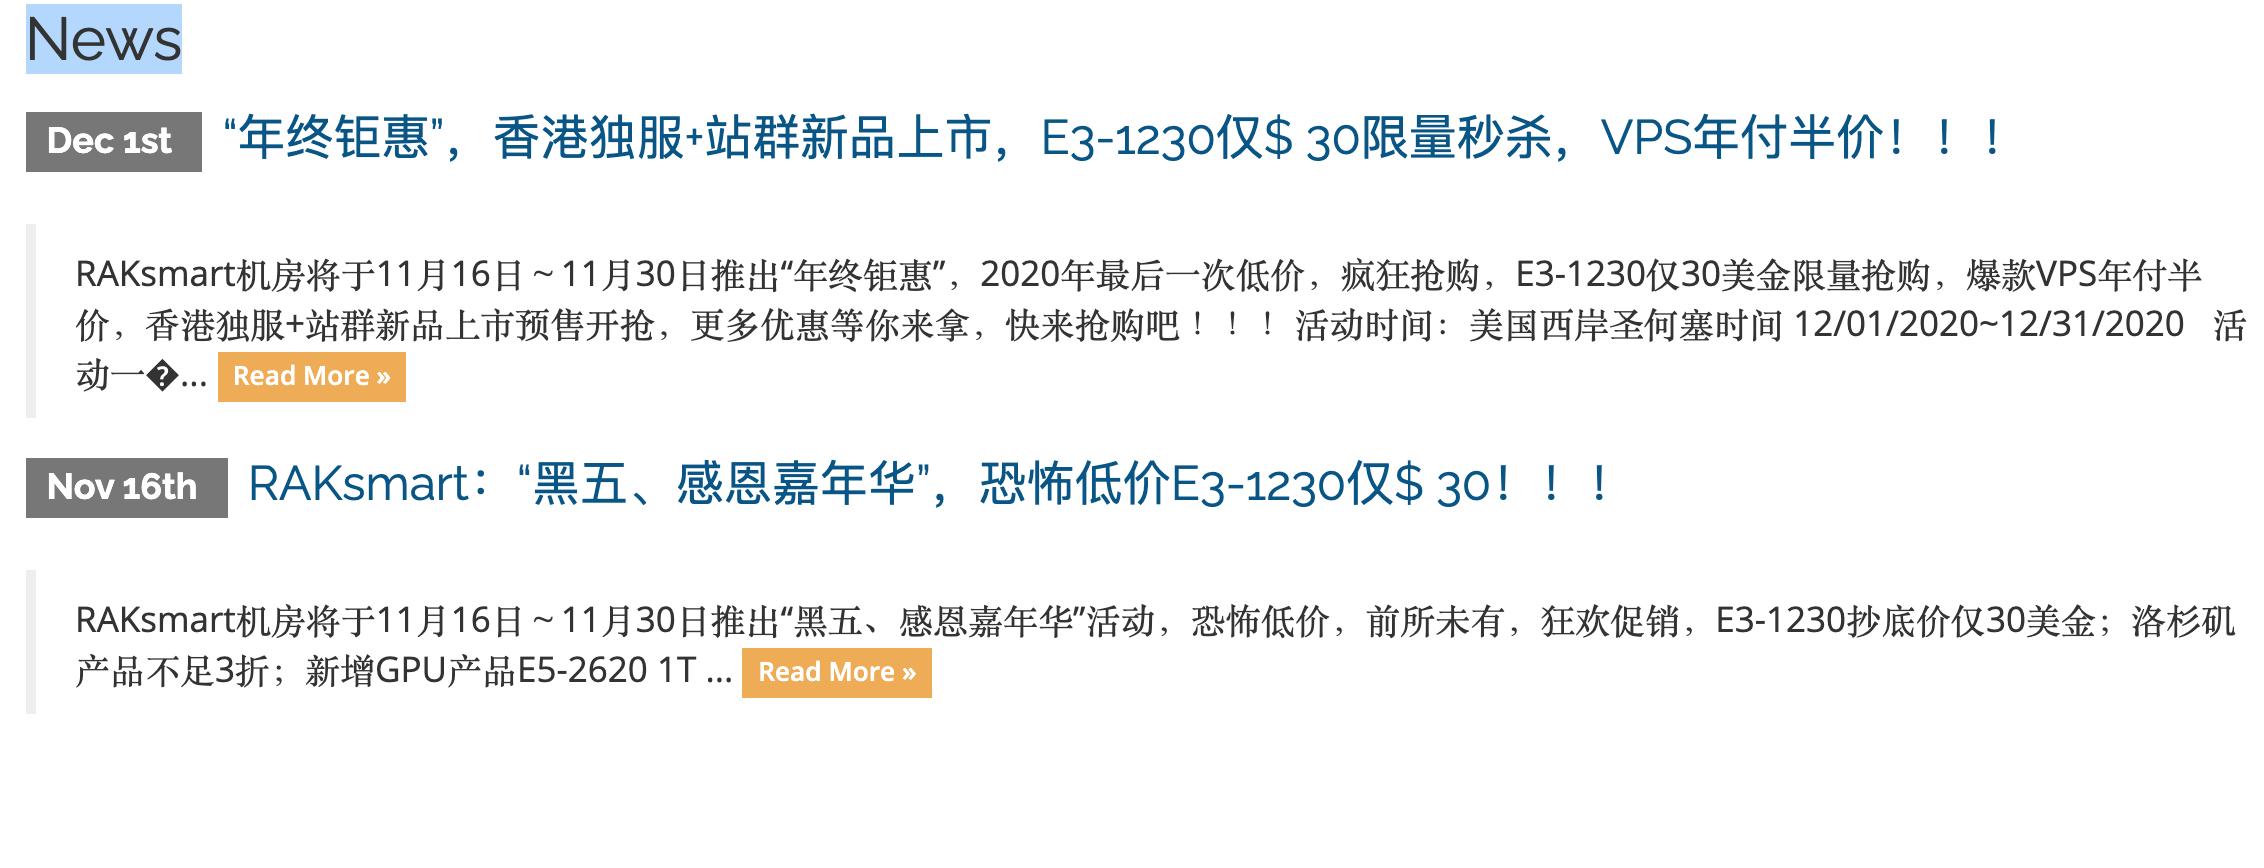 RAKsmart:年付2000元人民币服务器秒杀,爆款产品,E3-1230月付仅30美金,限量10台/天秒杀!!!,